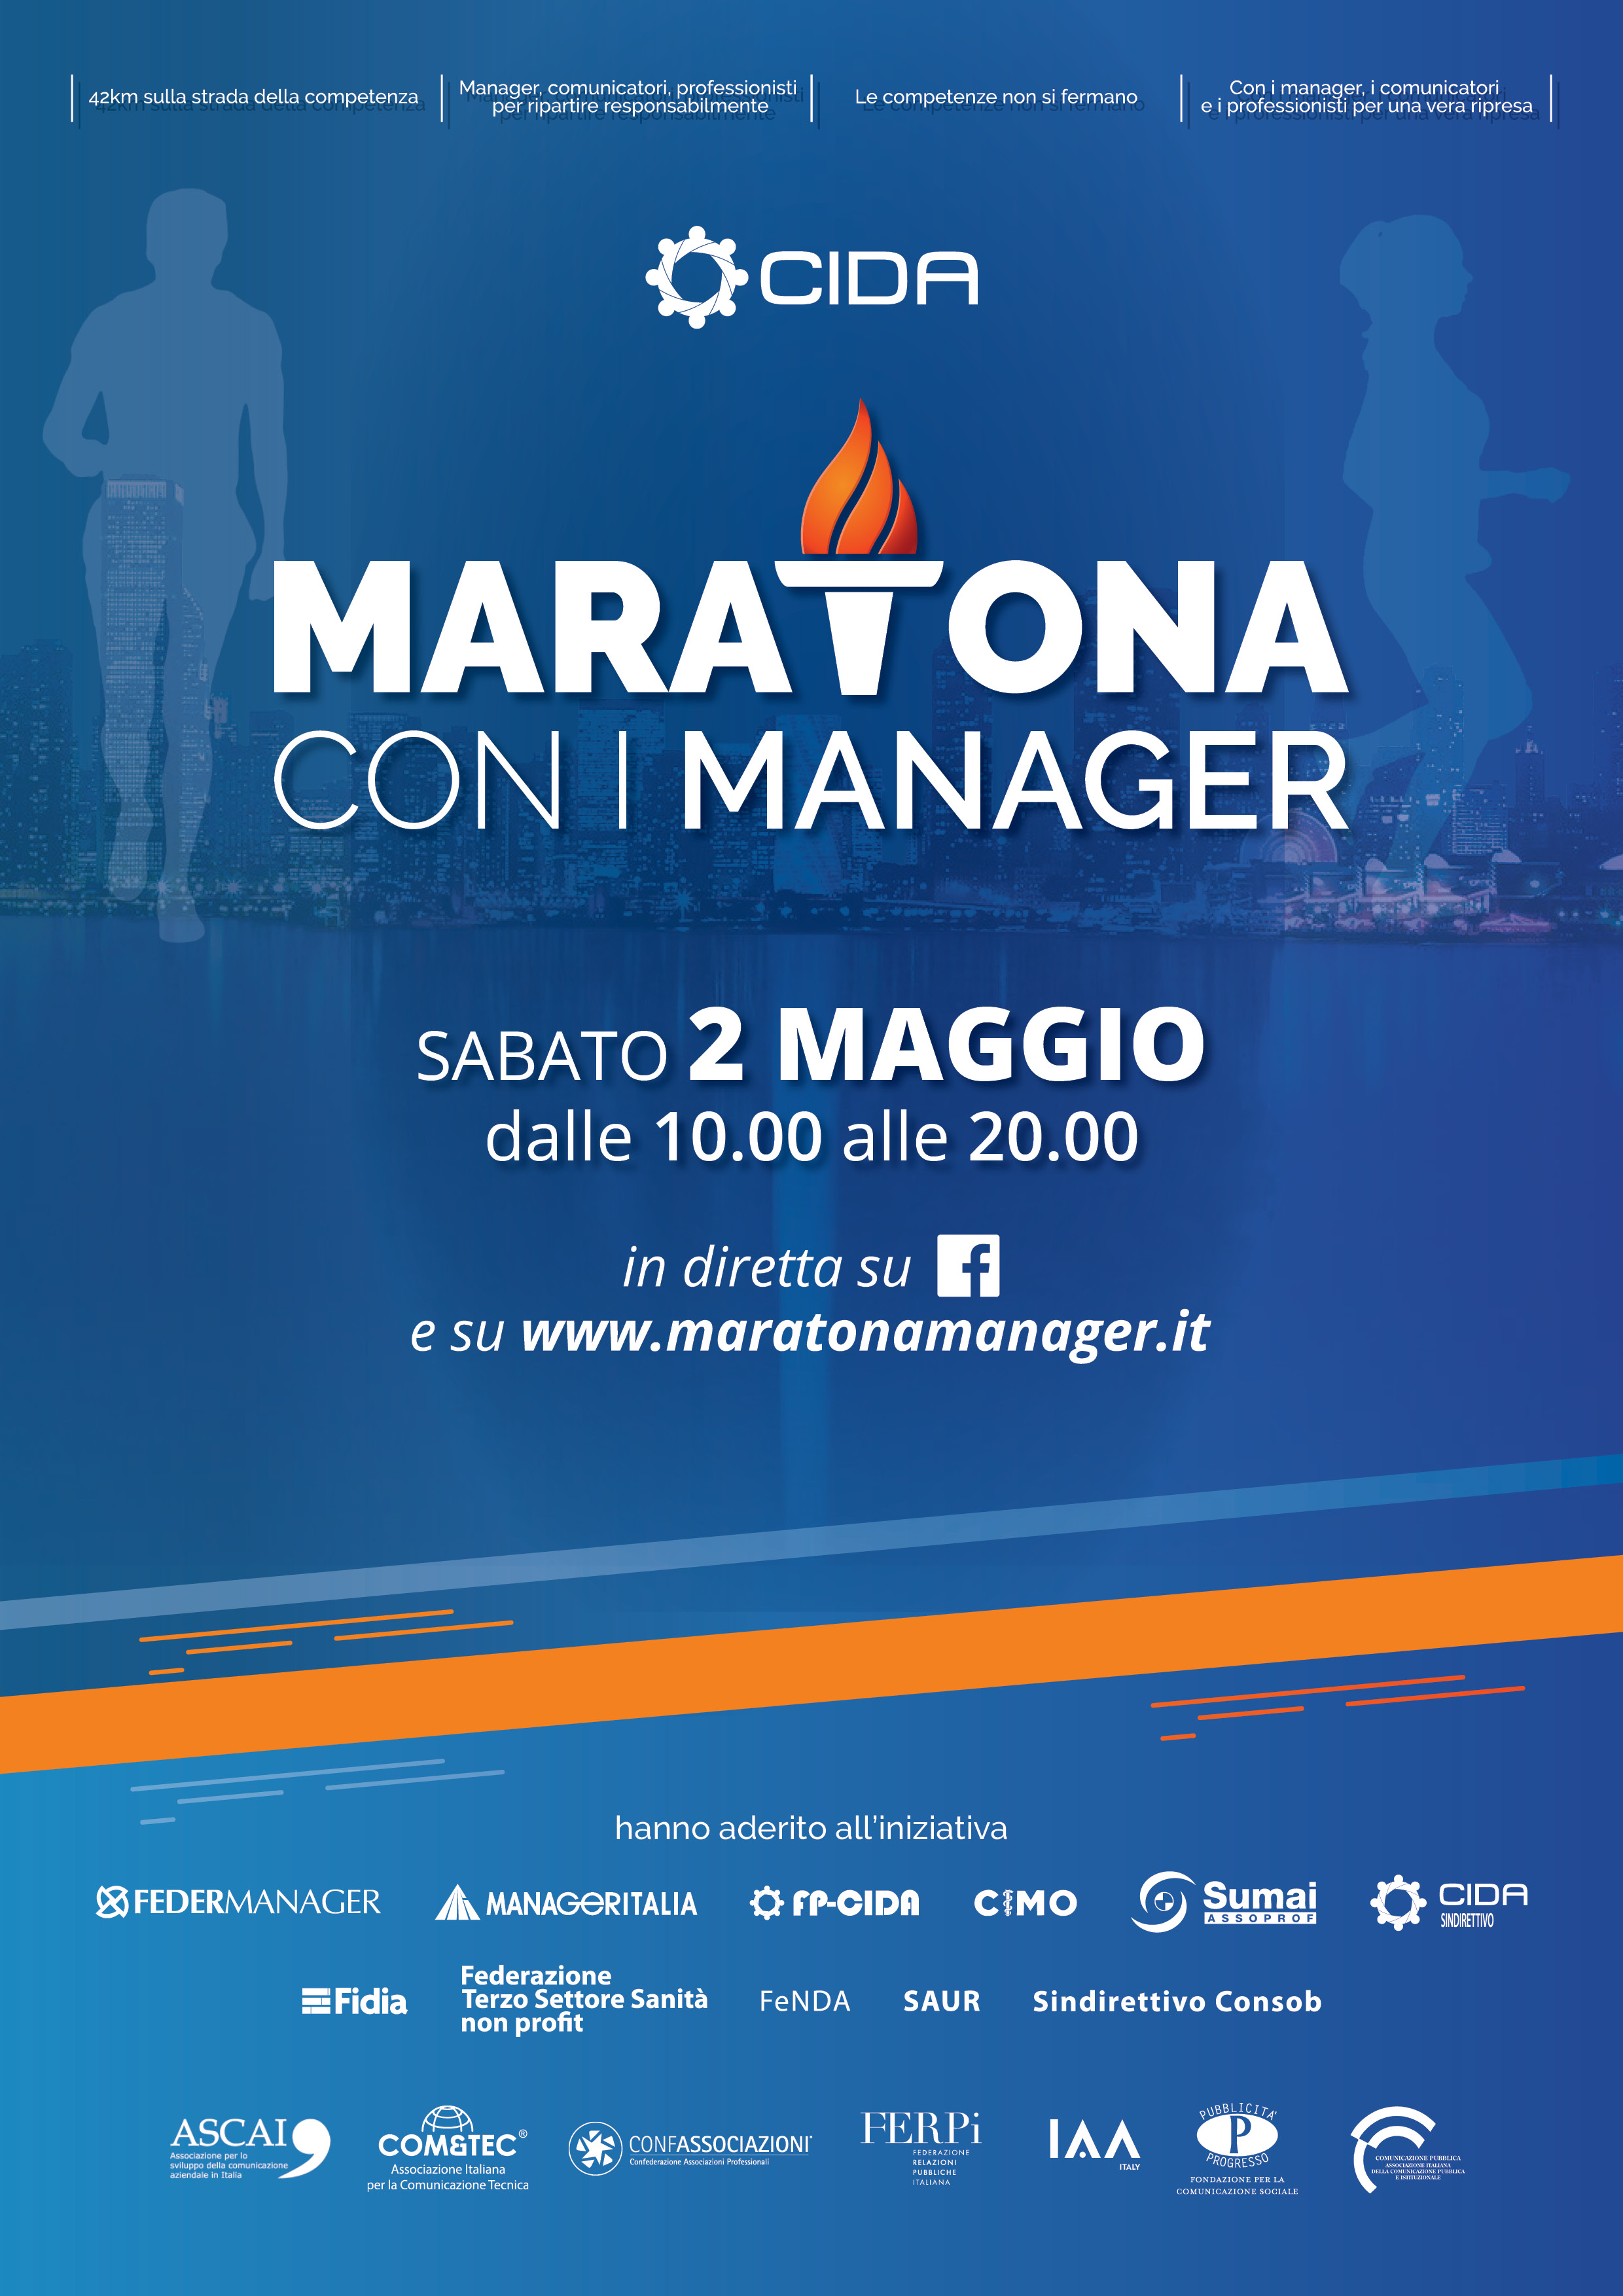 Maratona con i manager